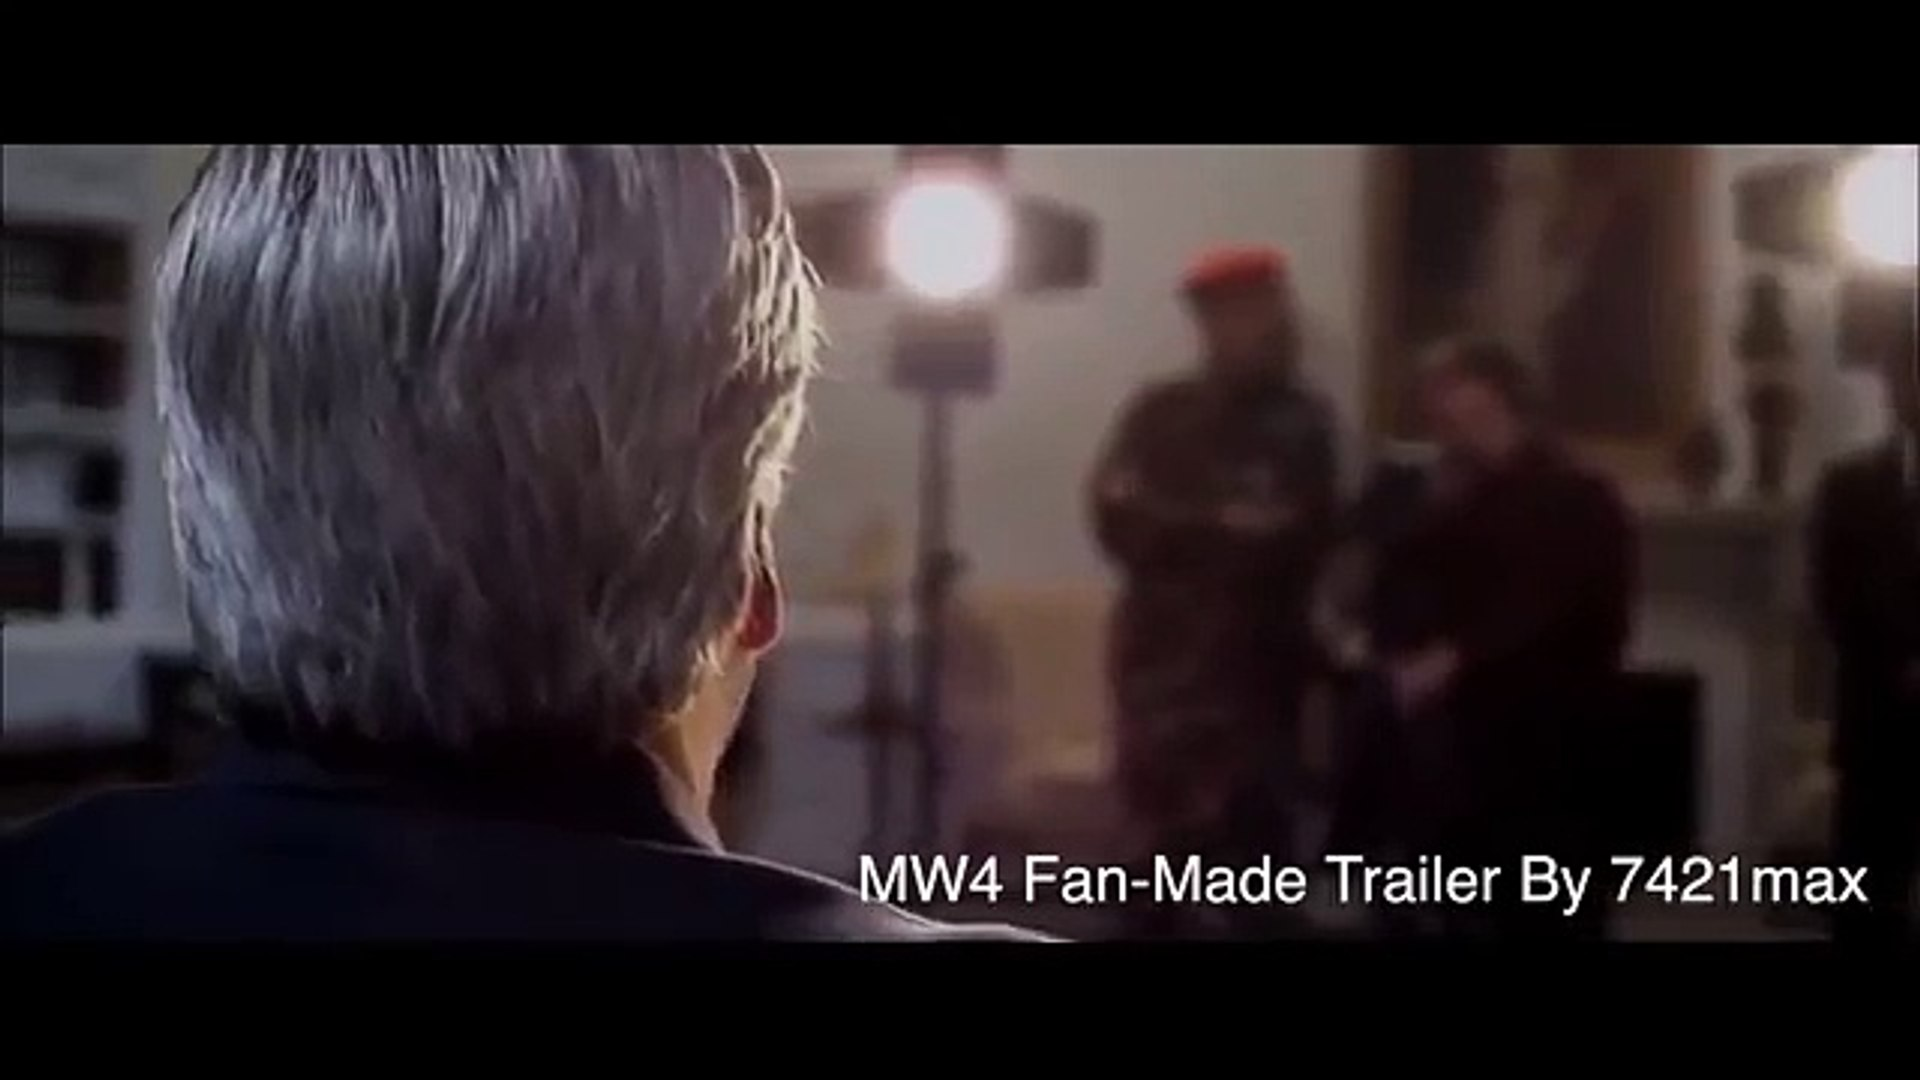 MW4 Fan-Made Trailer 2016 - 'MW4' Trailer 2016 (Modern Warfare 4 Trailer) COD 2016